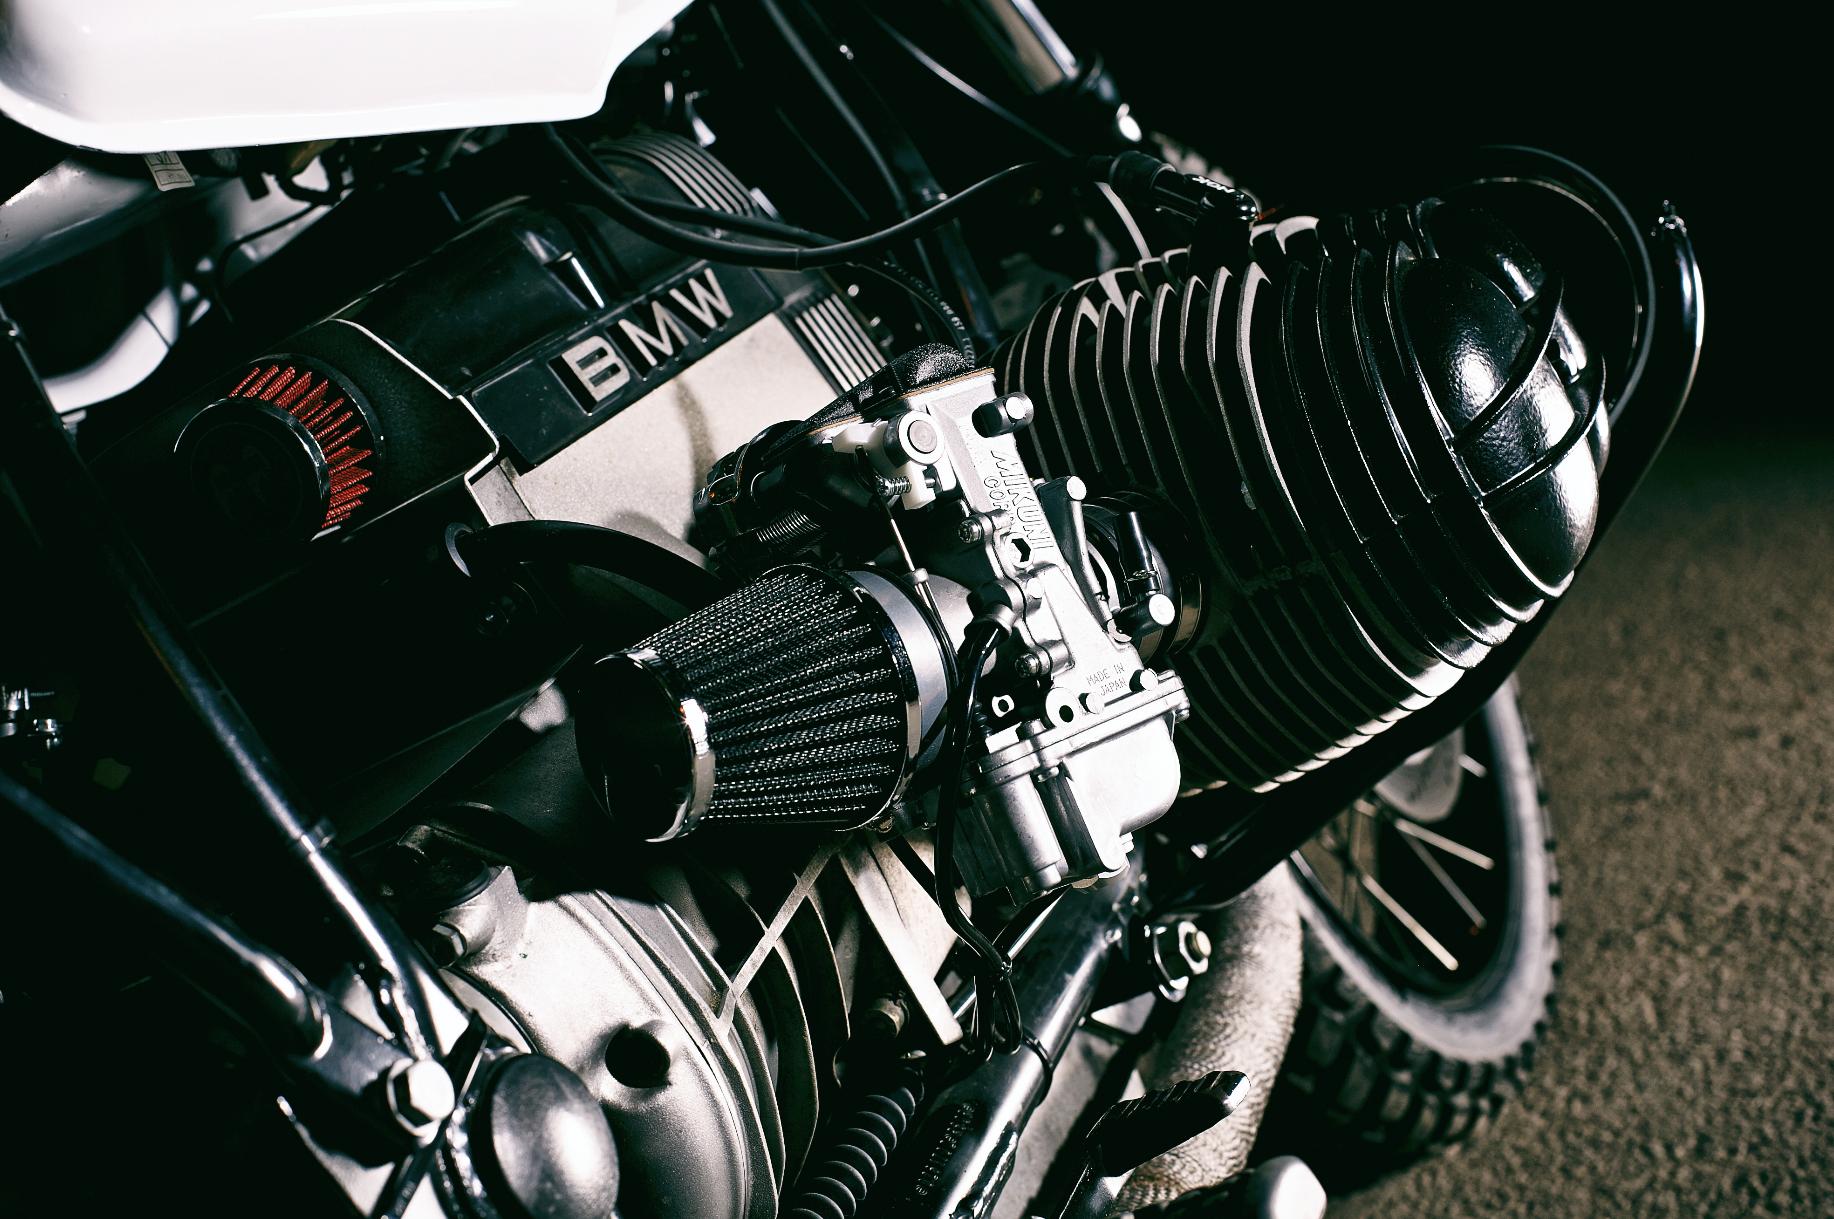 057 Motor Rausch